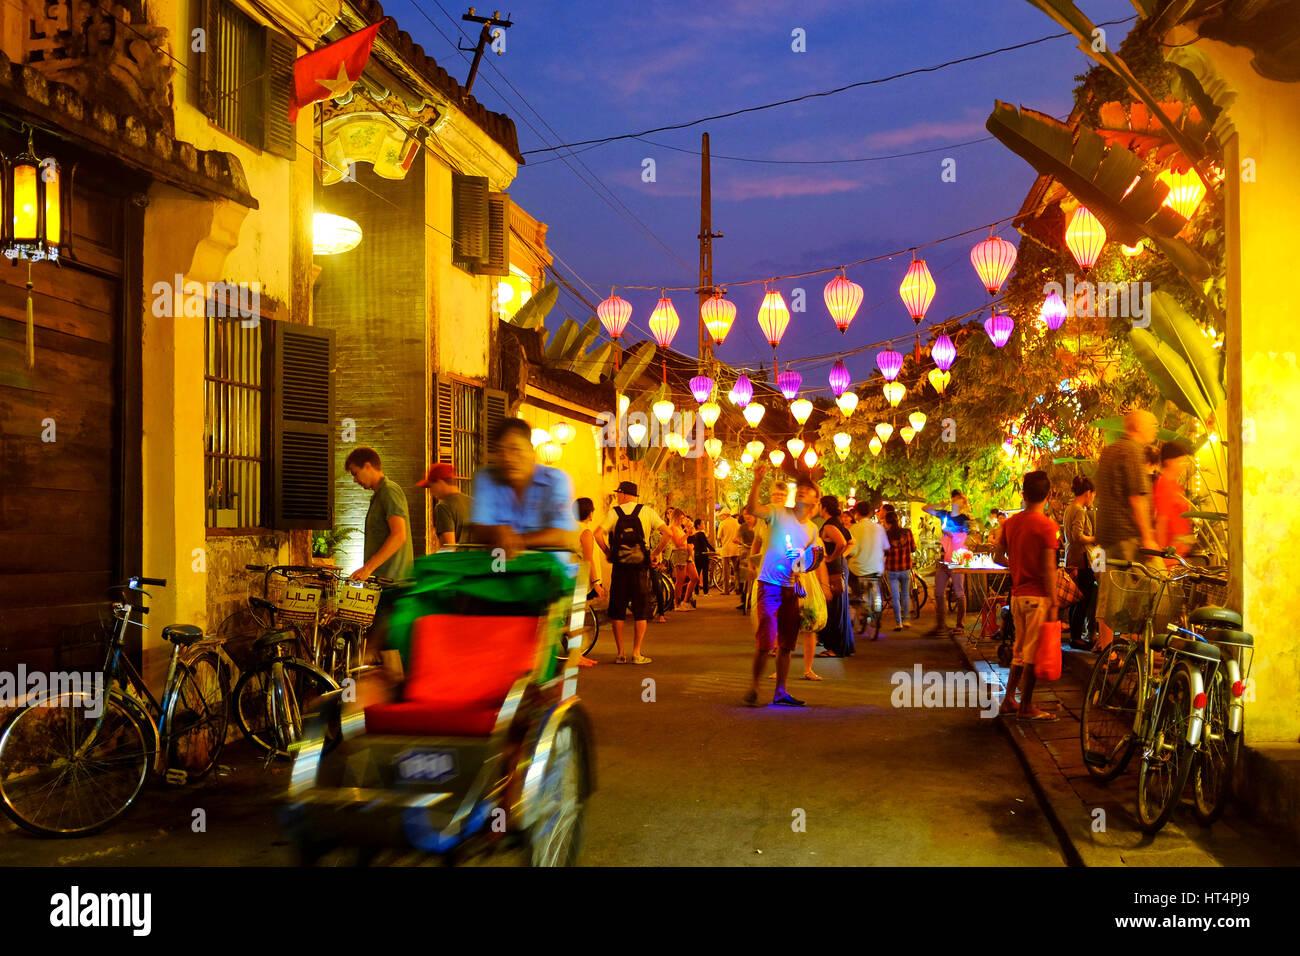 Les habitants et touristes de Tran Phu Street la nuit, Hoi An, Vietnam Photo Stock